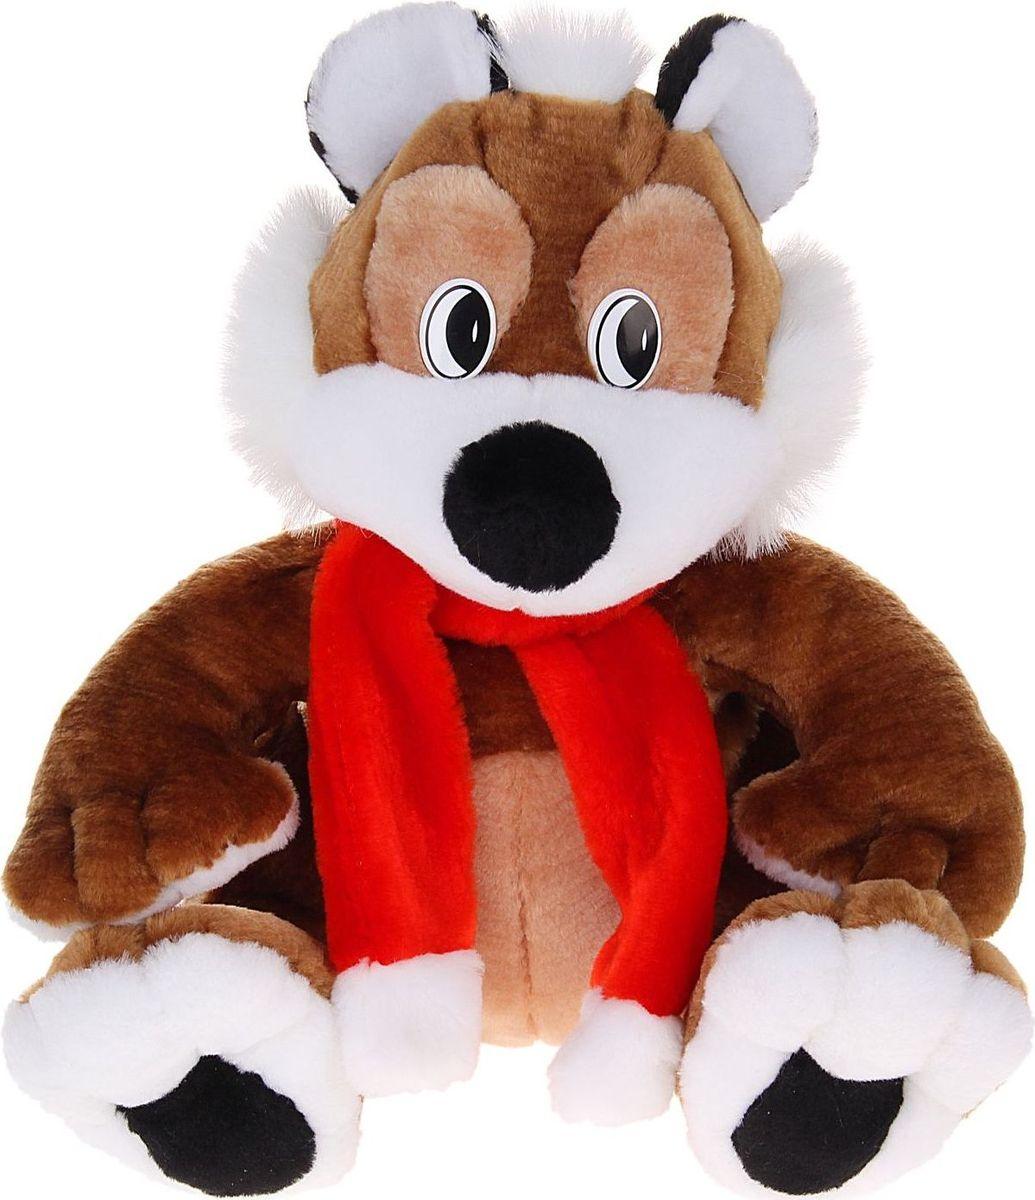 Купить Sima-land Мягкая игрушка Бурундучок 35 см, Мягкие игрушки